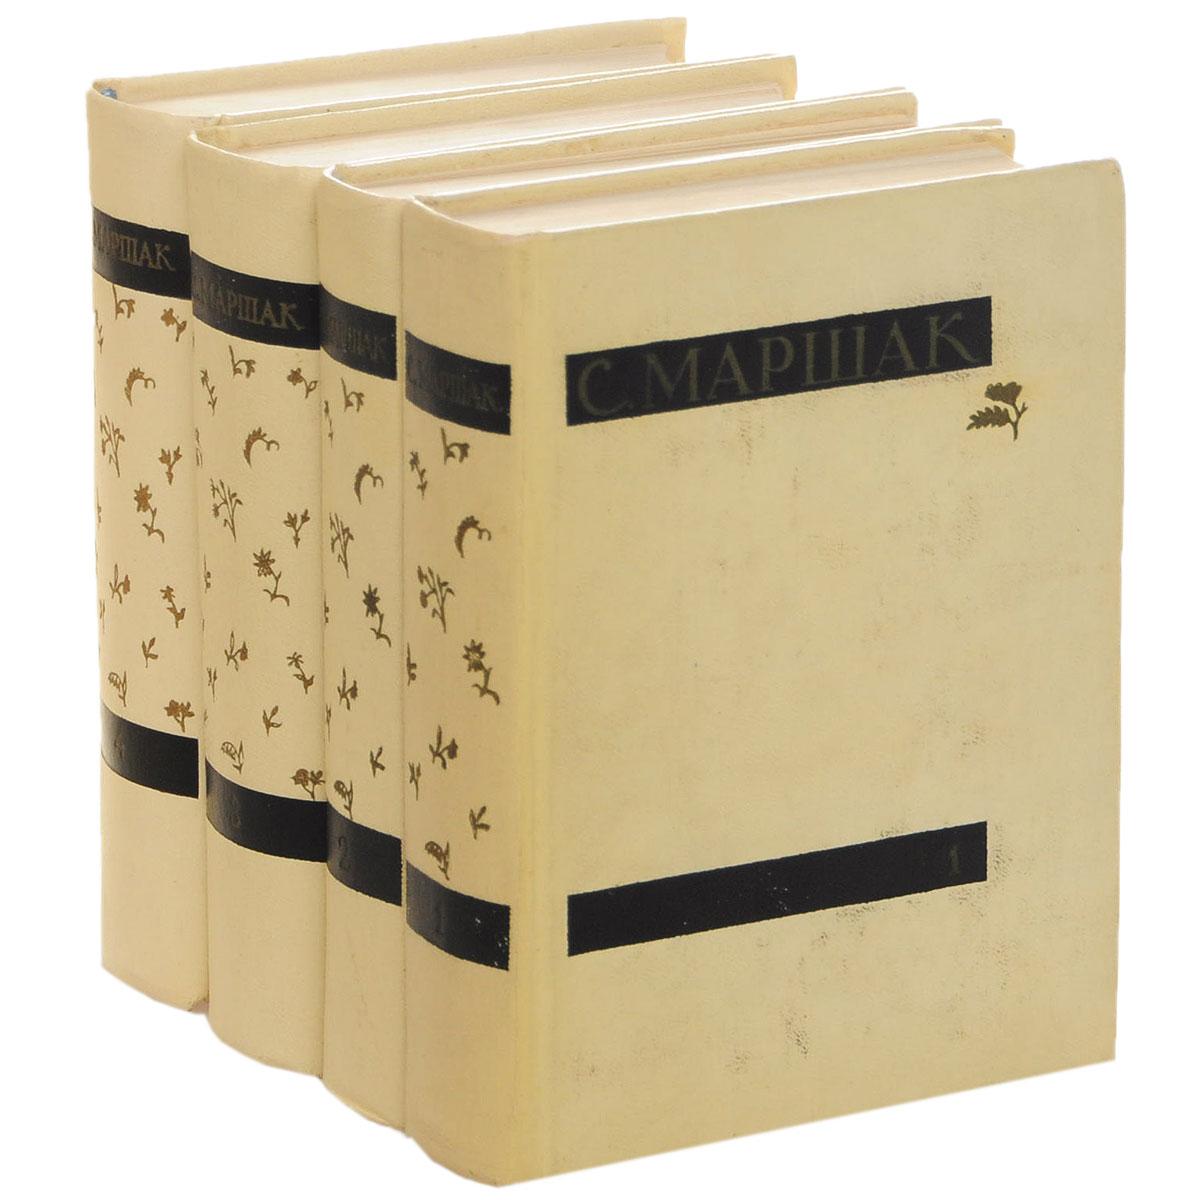 С. Маршак С. Маршак. Сочинения в 4 томах (комплект из 4 книг) цены онлайн